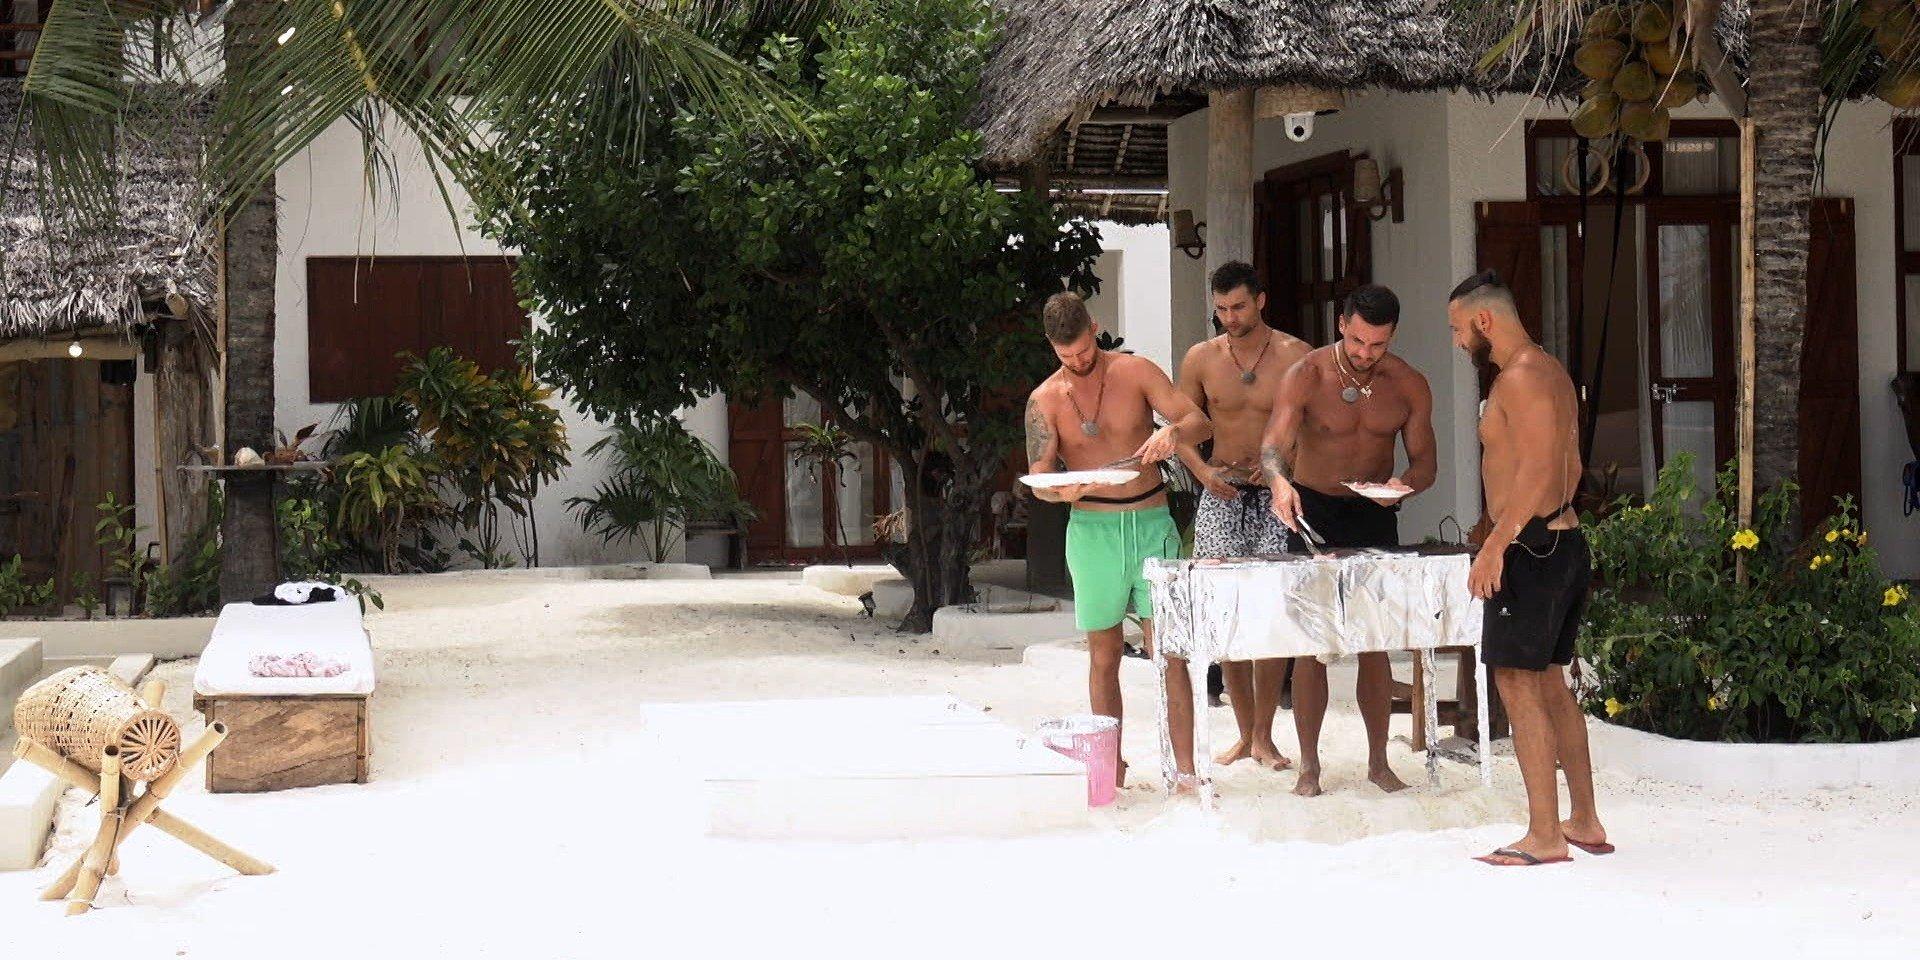 Hotel Paradise 3: zapowiedź odcinka 18